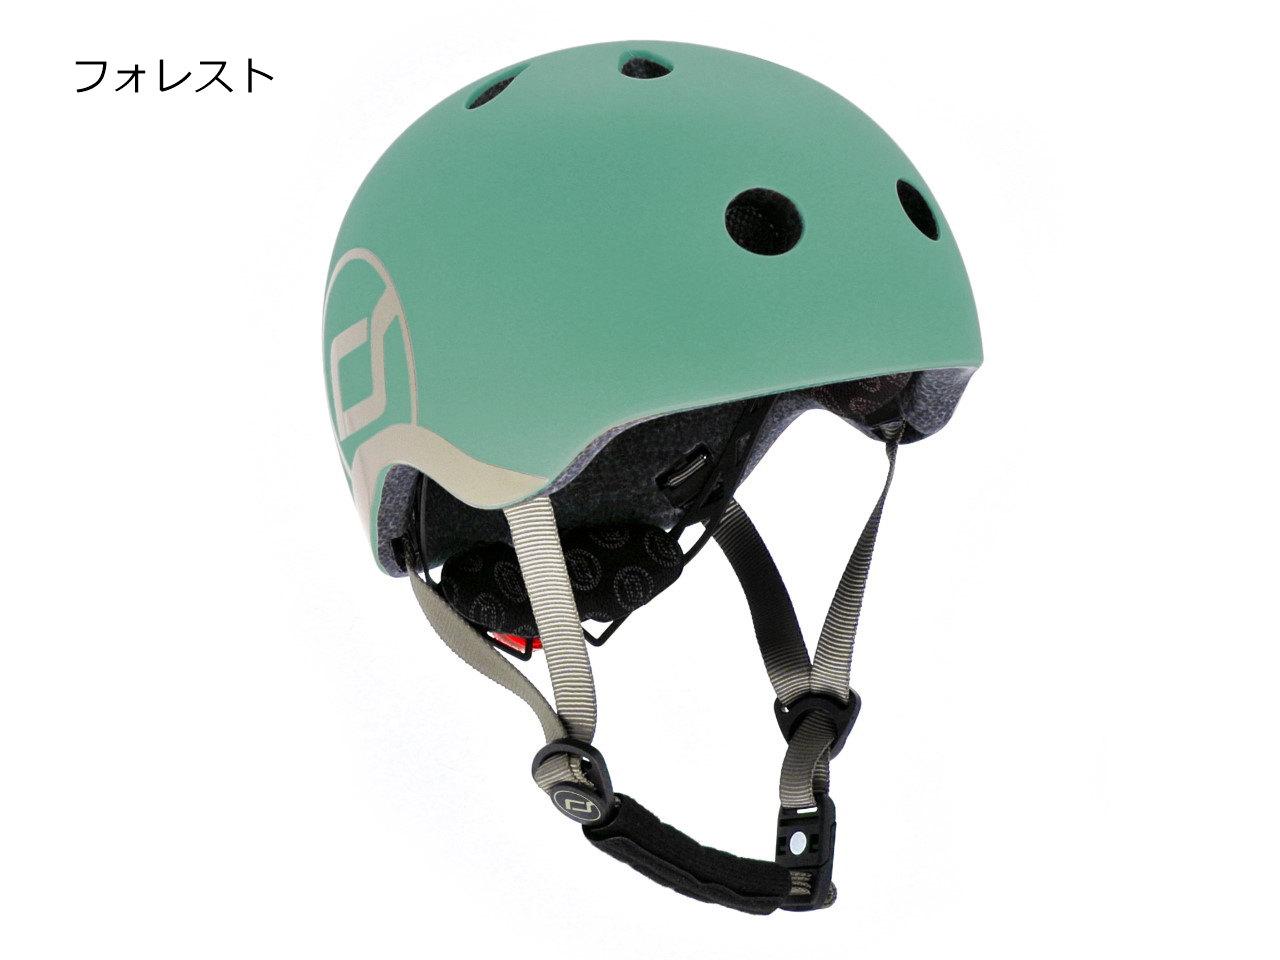 スクート&ライド ヘルメット Sサイズ【最短翌日発送】